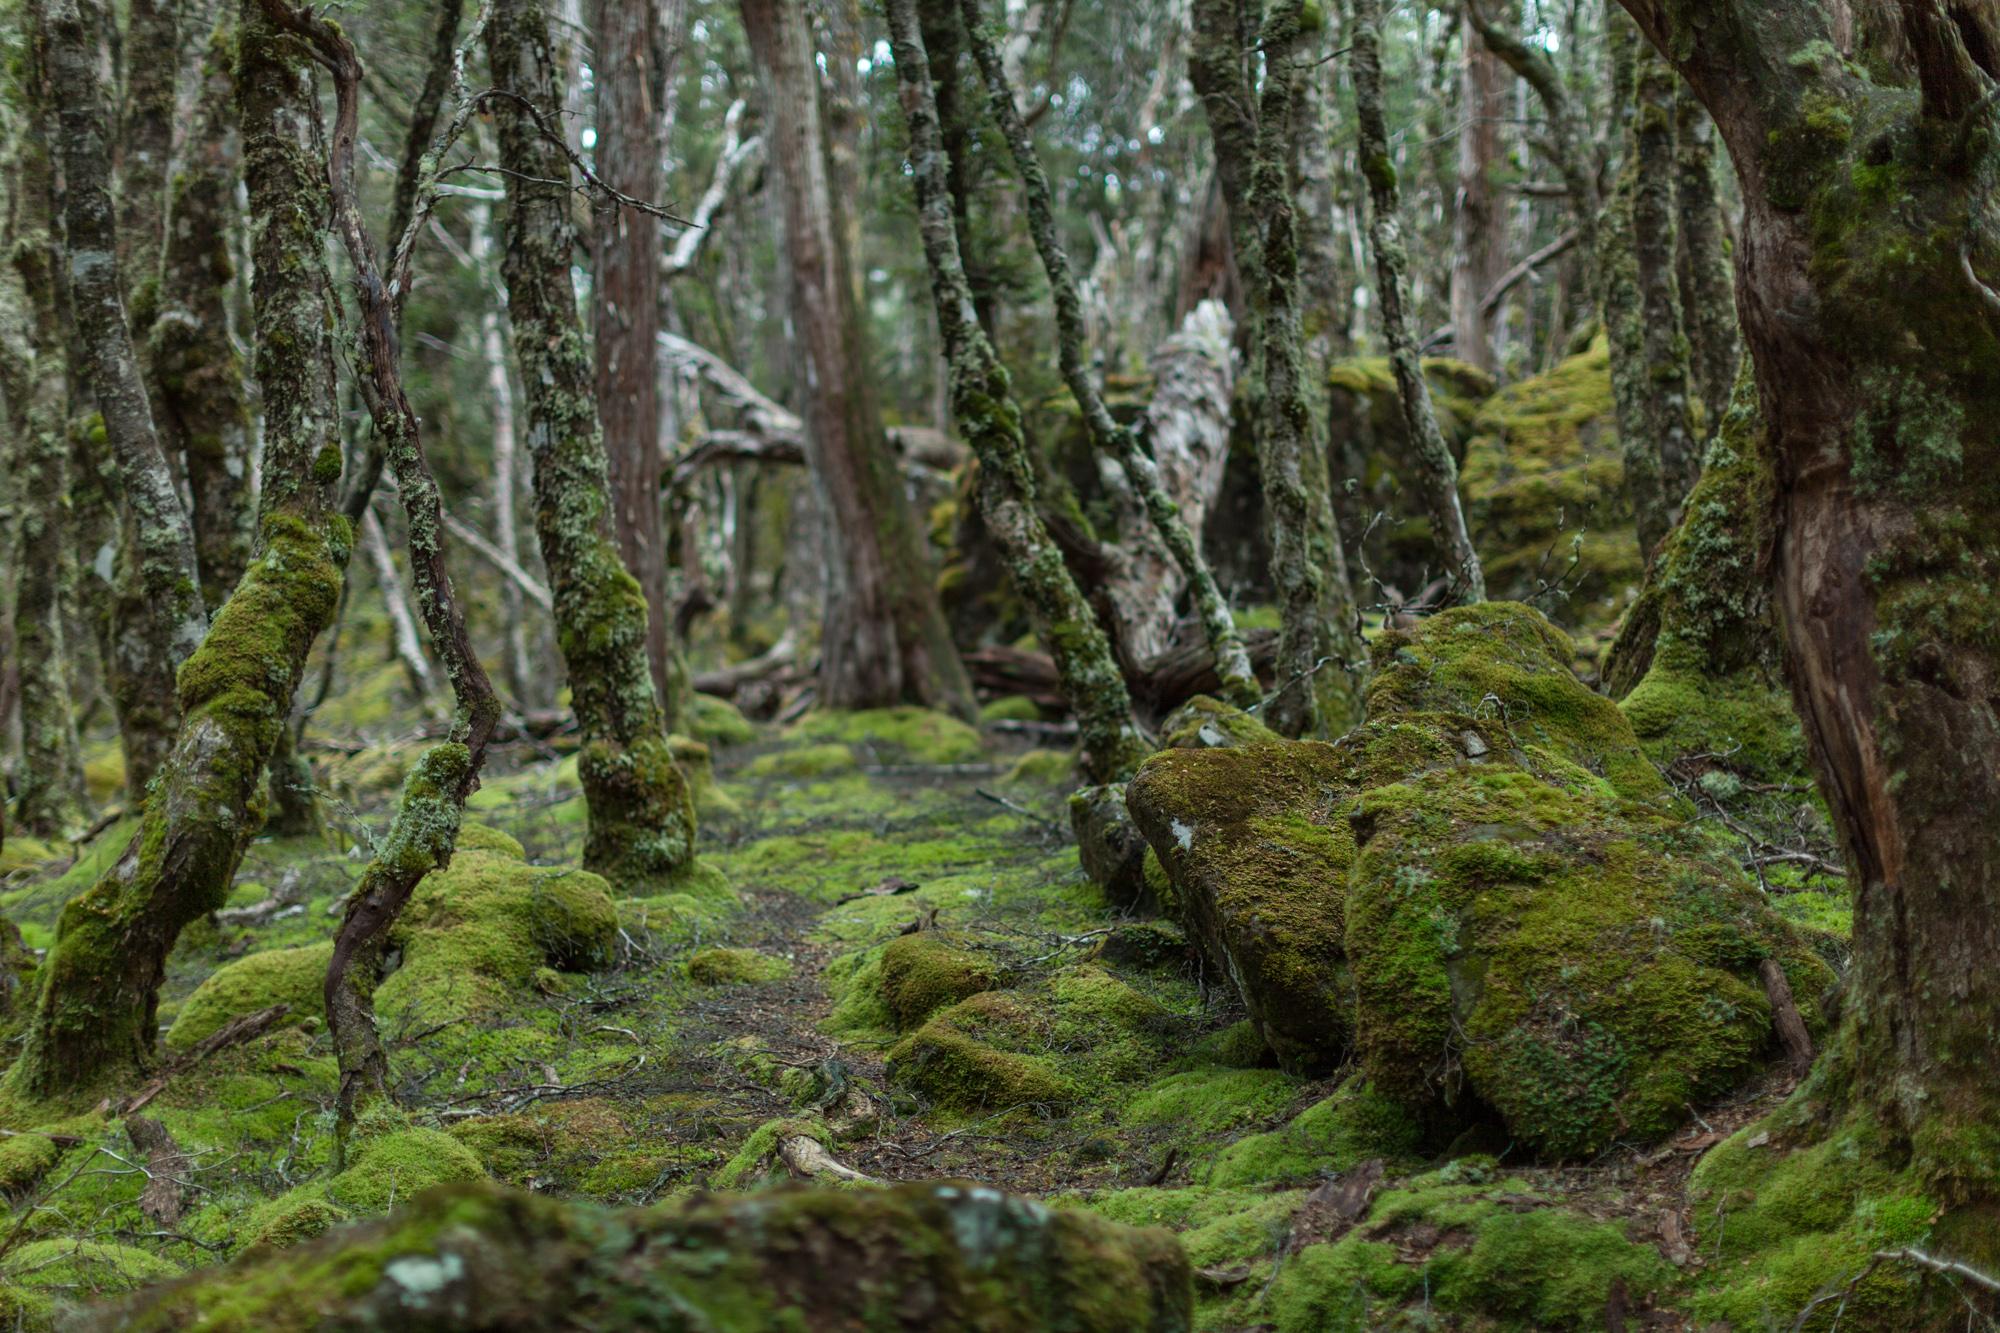 Tasmania_2015_132_2000PX.jpg